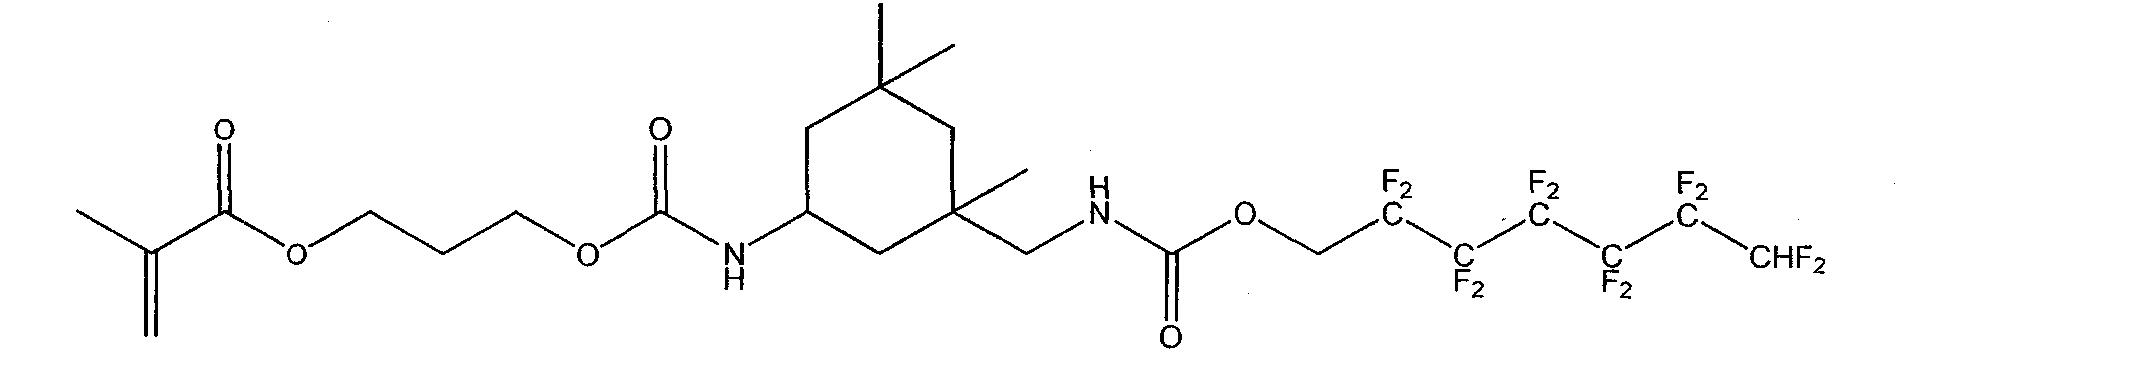 Figure CN102899897BD00112